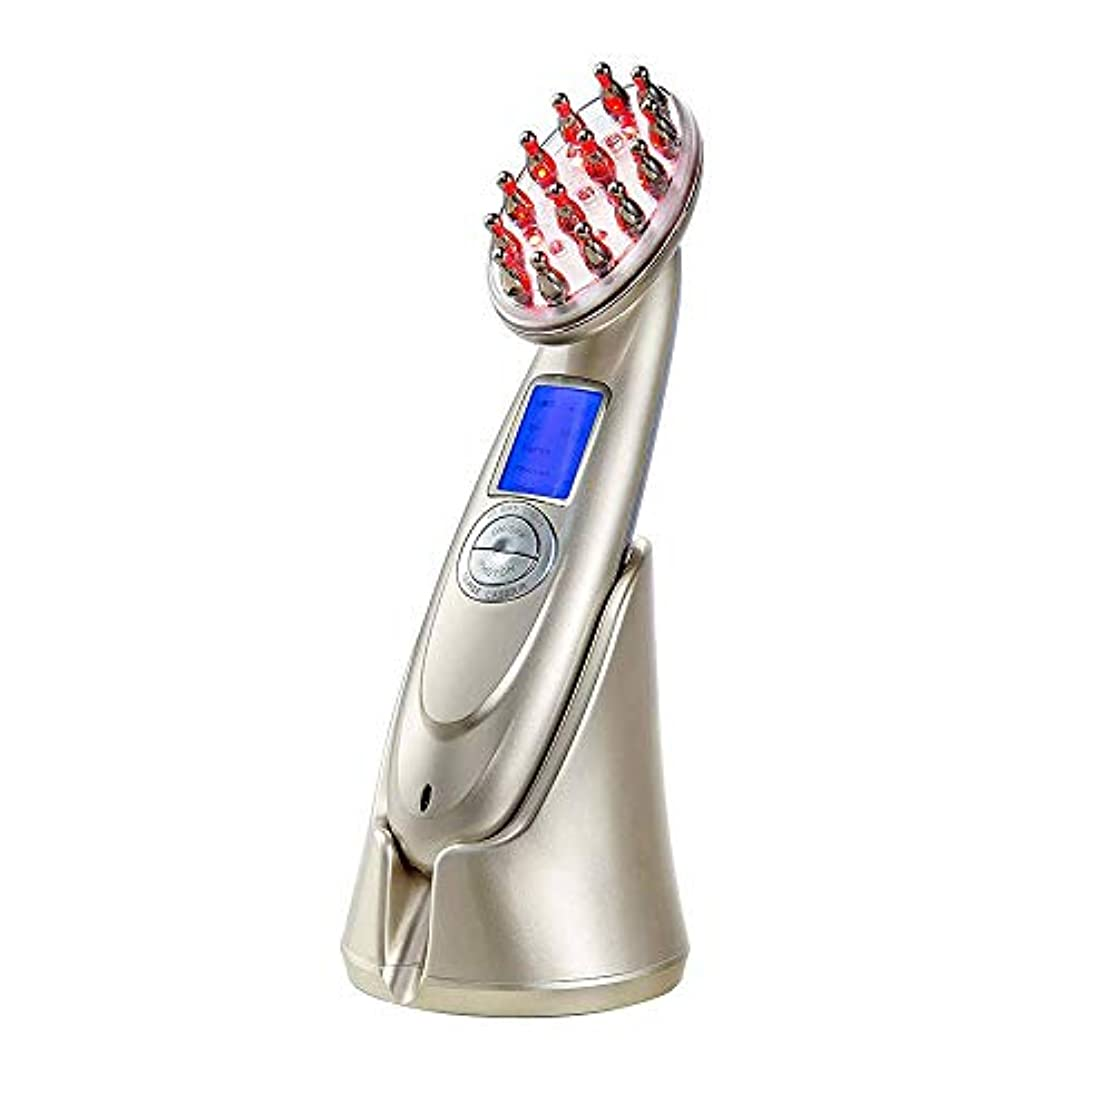 ワイヤースキャンダルパンフレット髪の成長櫛電気抗毛損失治療マッサージヘア再生ブラシ無線周波数職業 EMS Led フォトンライトセラピー櫛